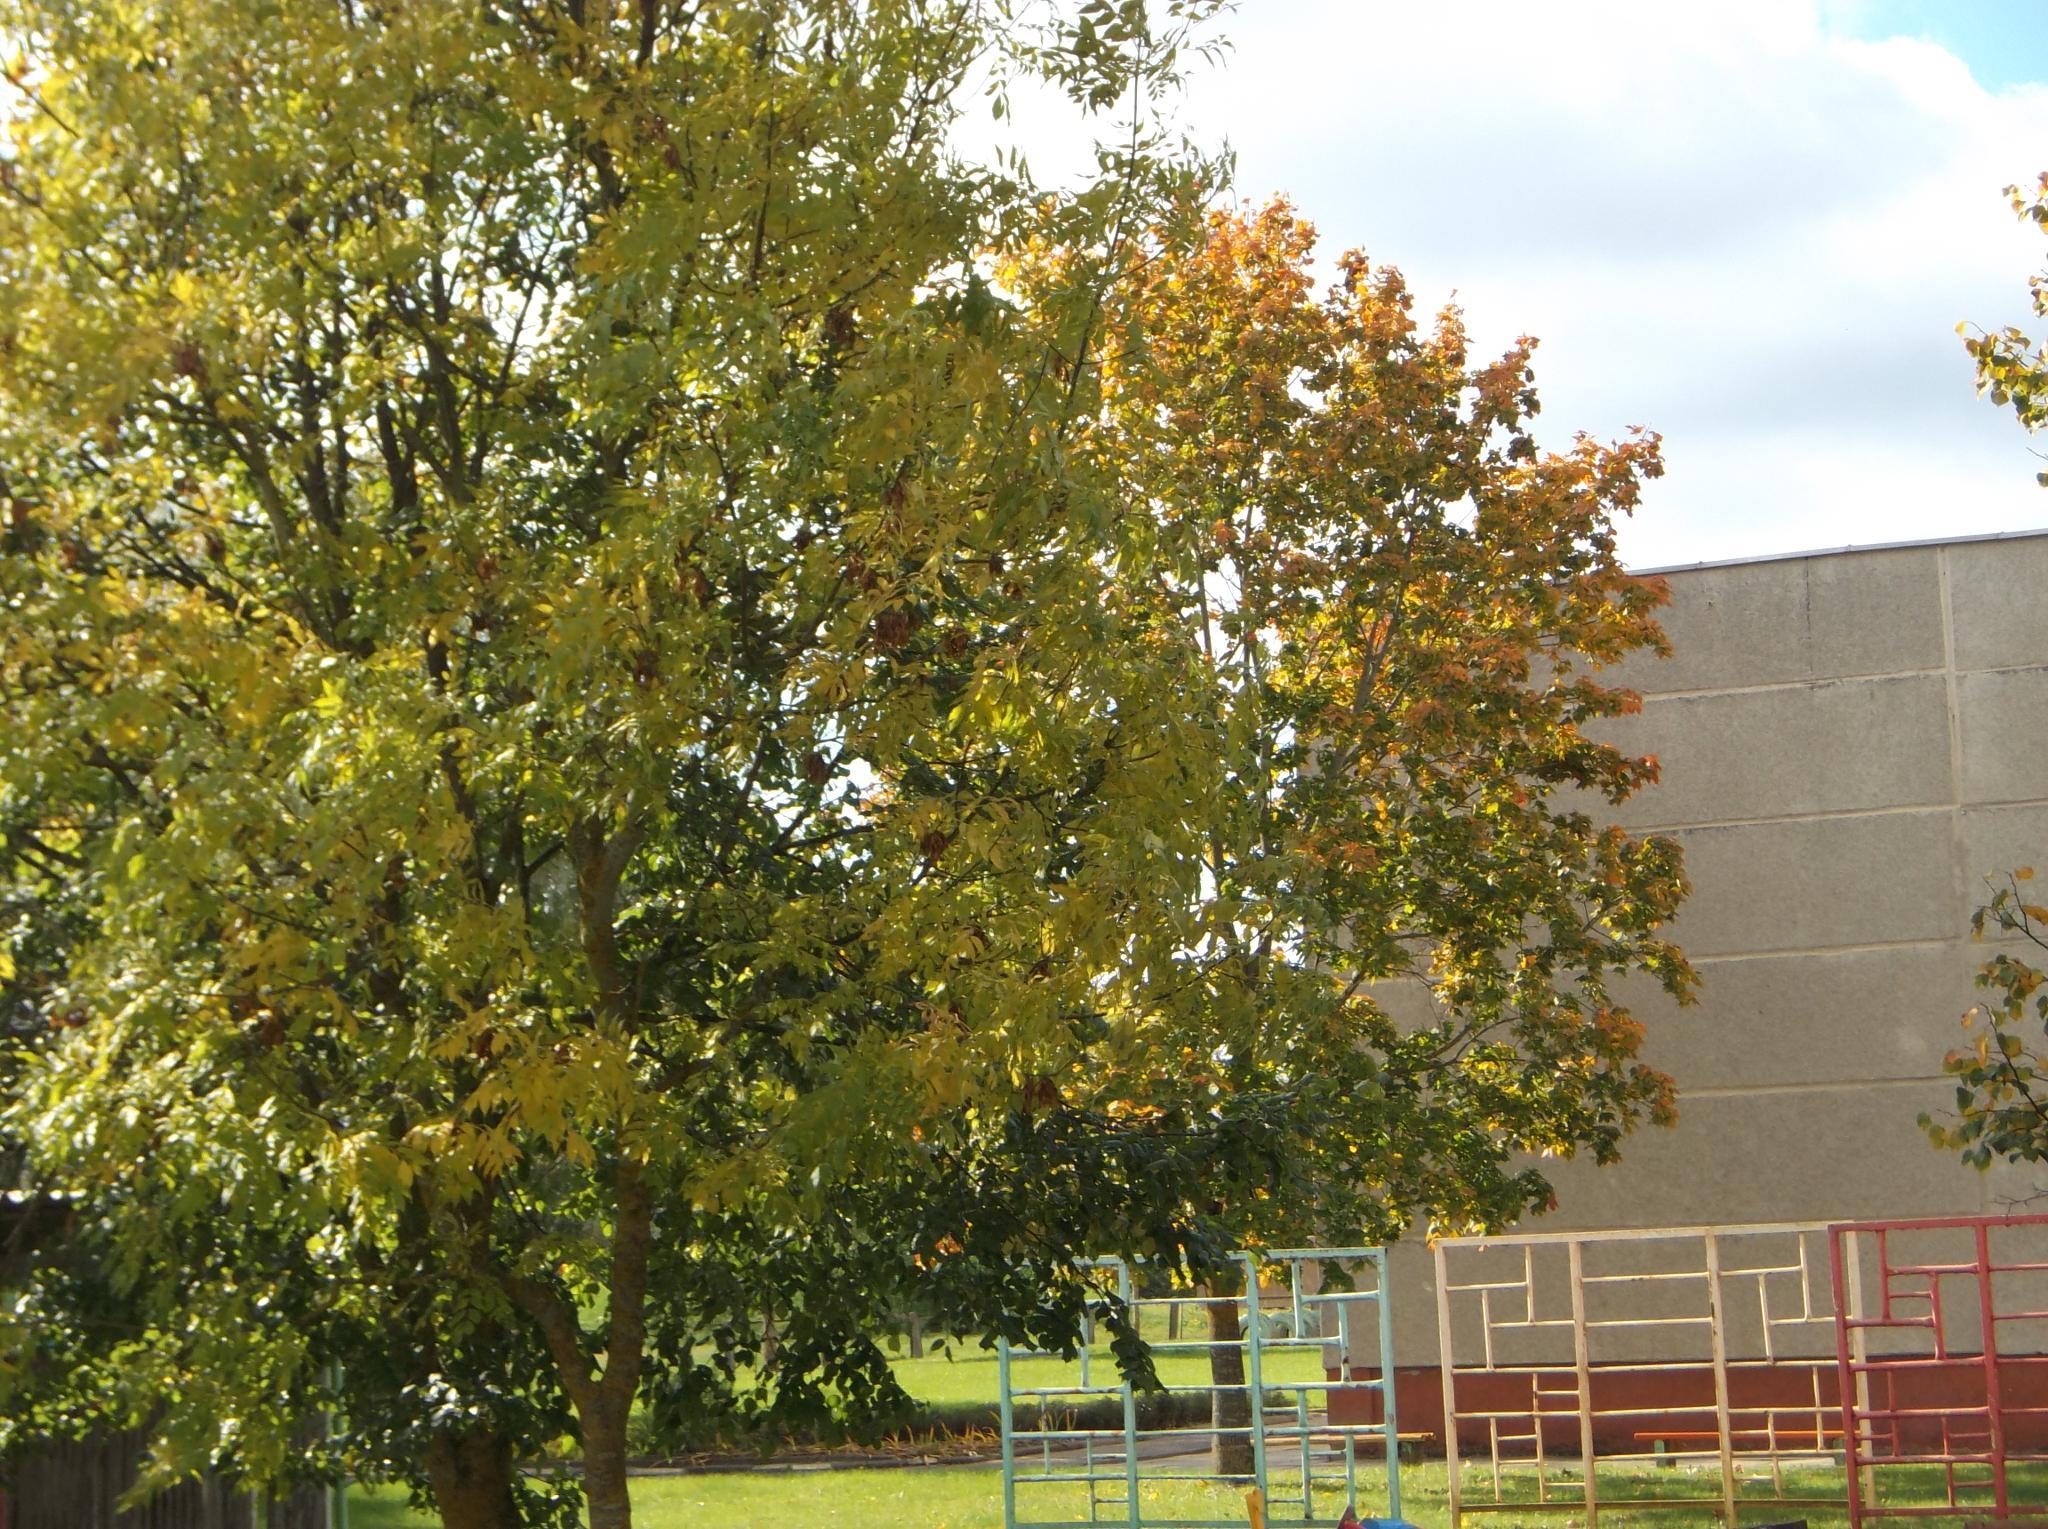 Trees in autumn. by Zita Užkuraitienė